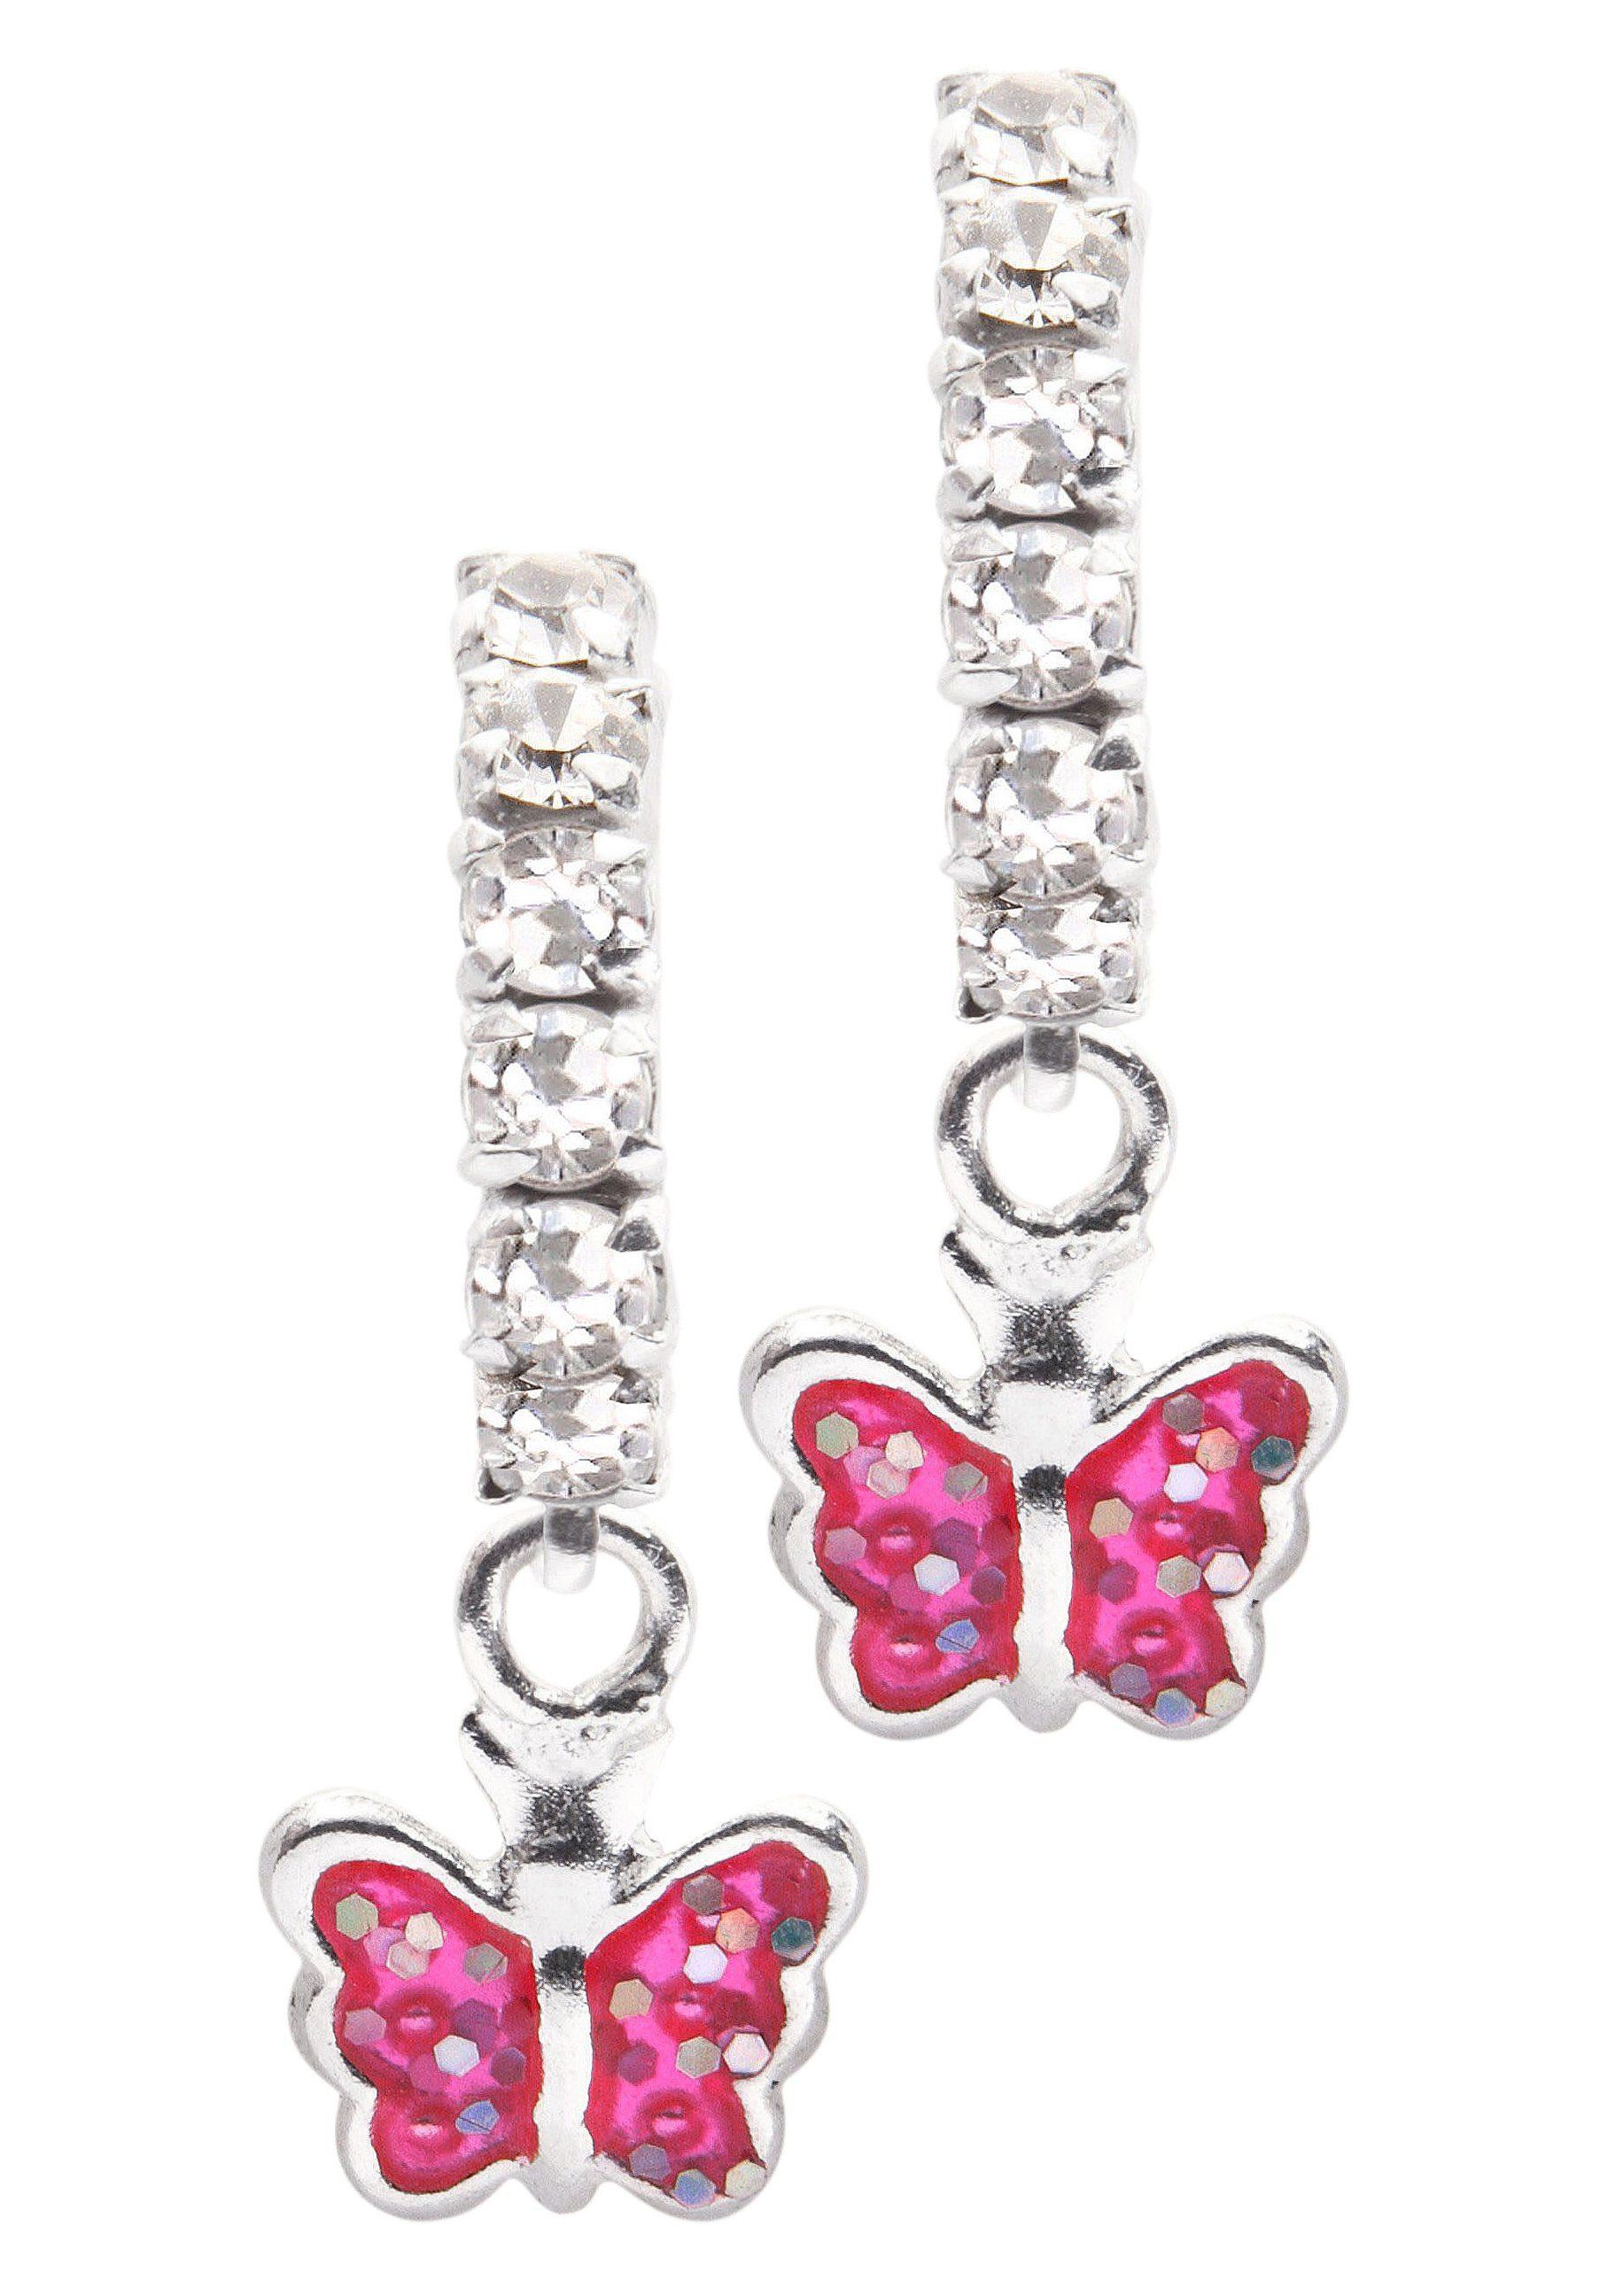 firetti Ohrschmuck: Paar Ohrstecker »Schmetterling« mit Swarovski-Kristallen